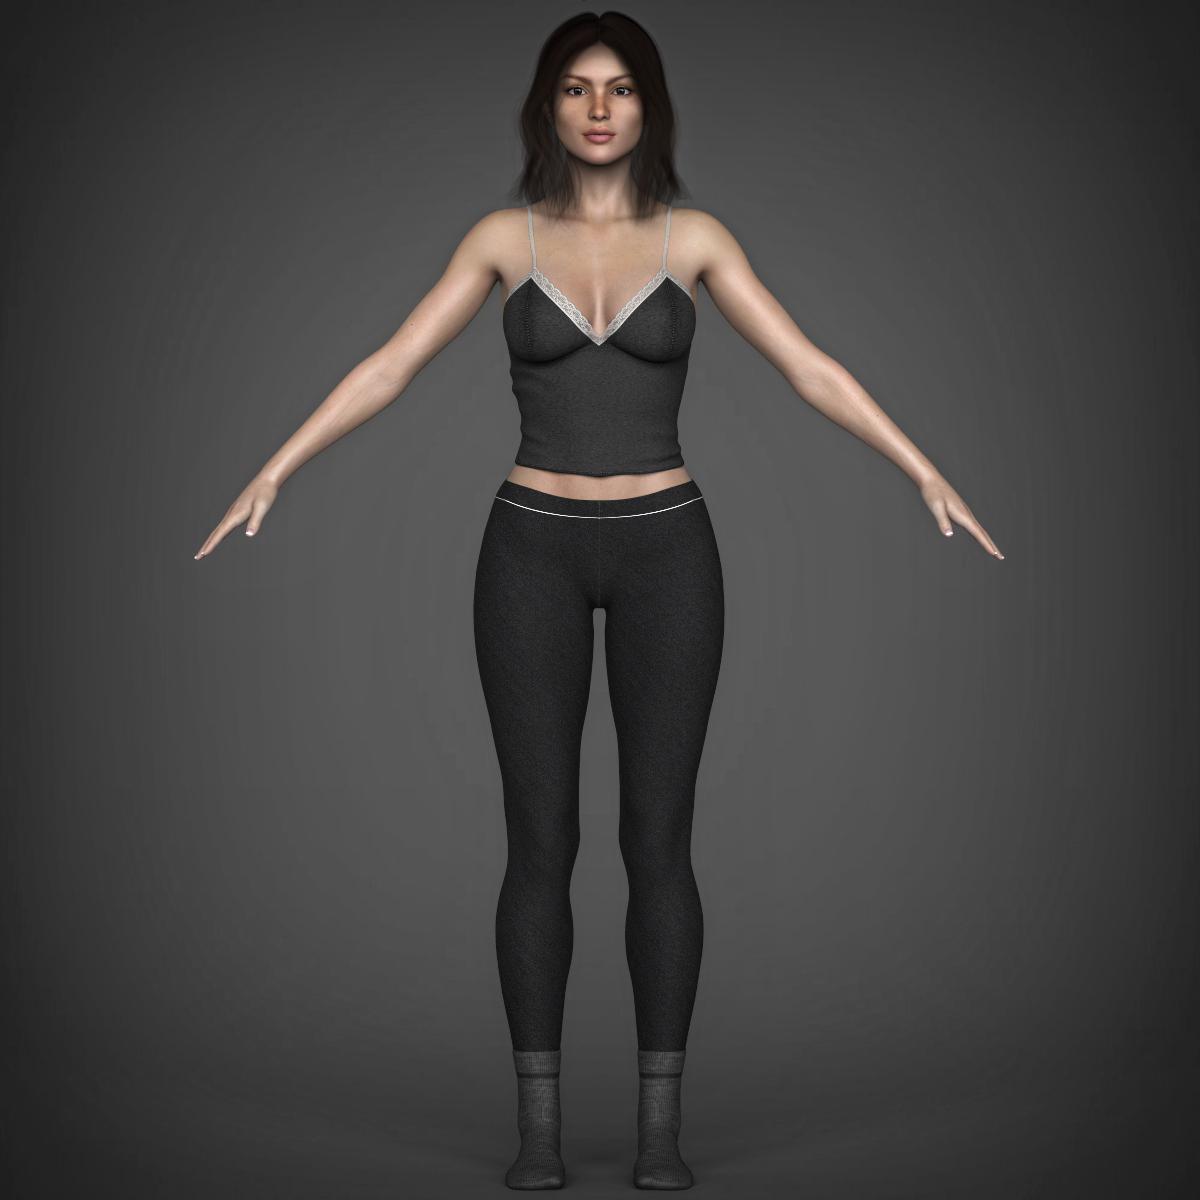 young beautiful woman 3d model max fbx c4d ma mb texture obj 223028